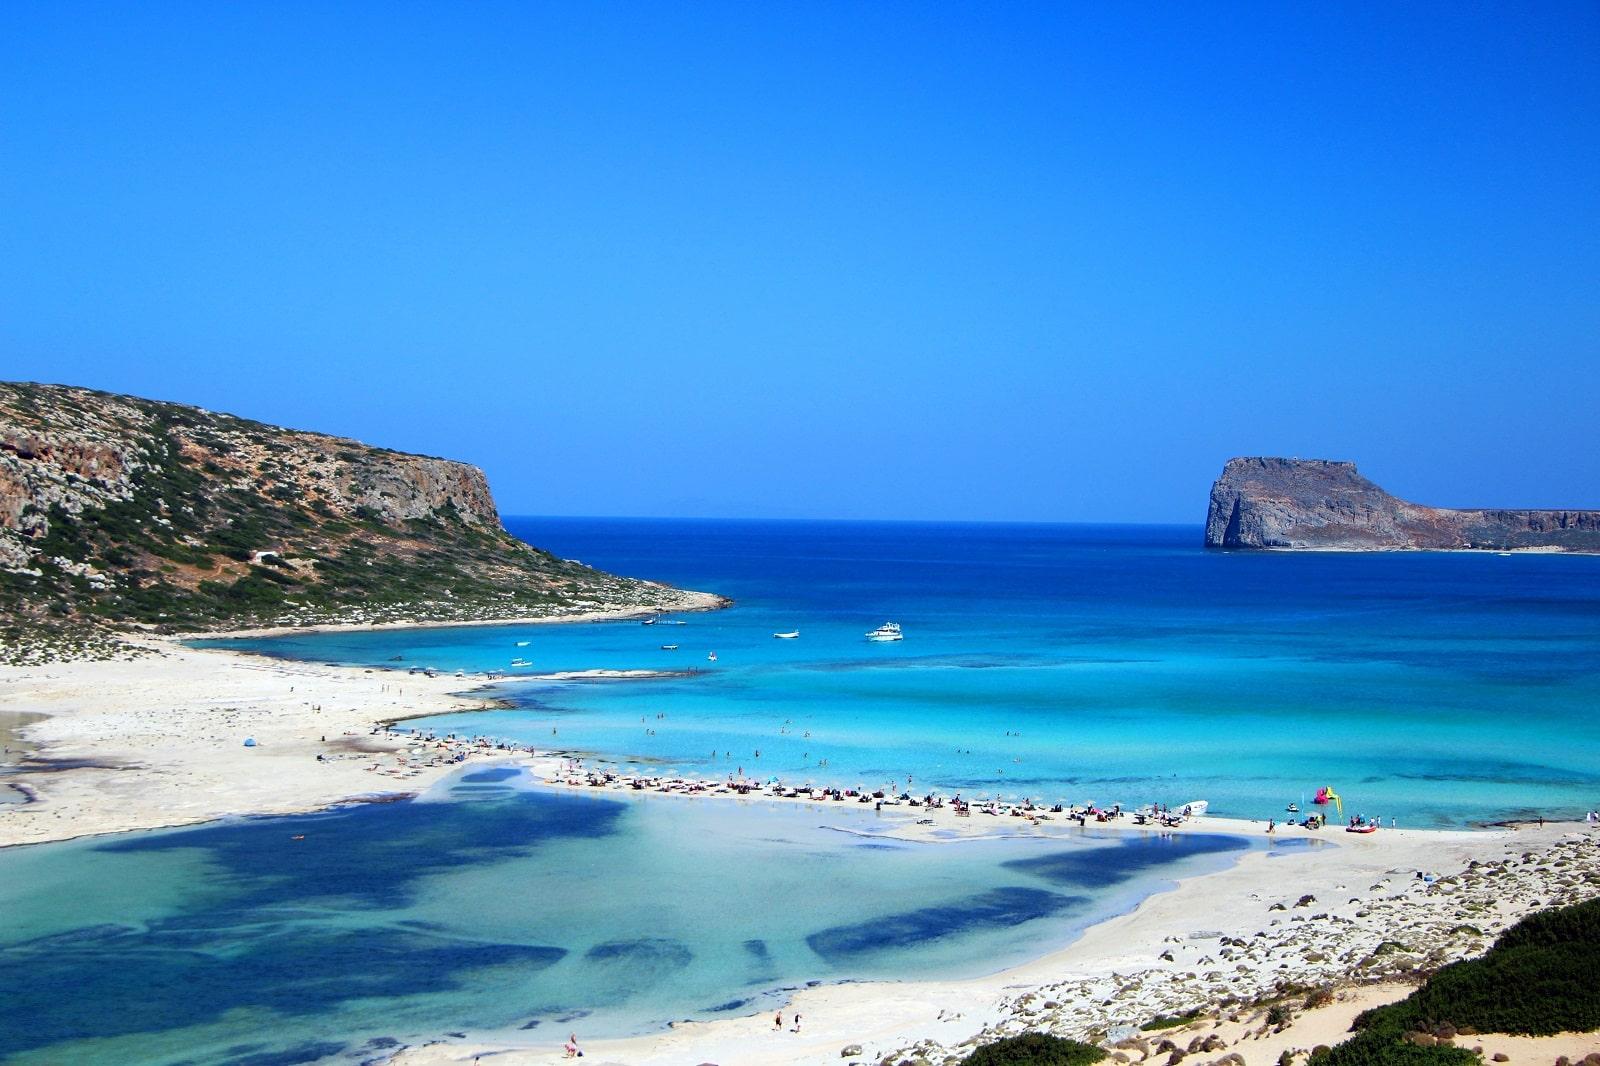 balos-beach-gramvousa